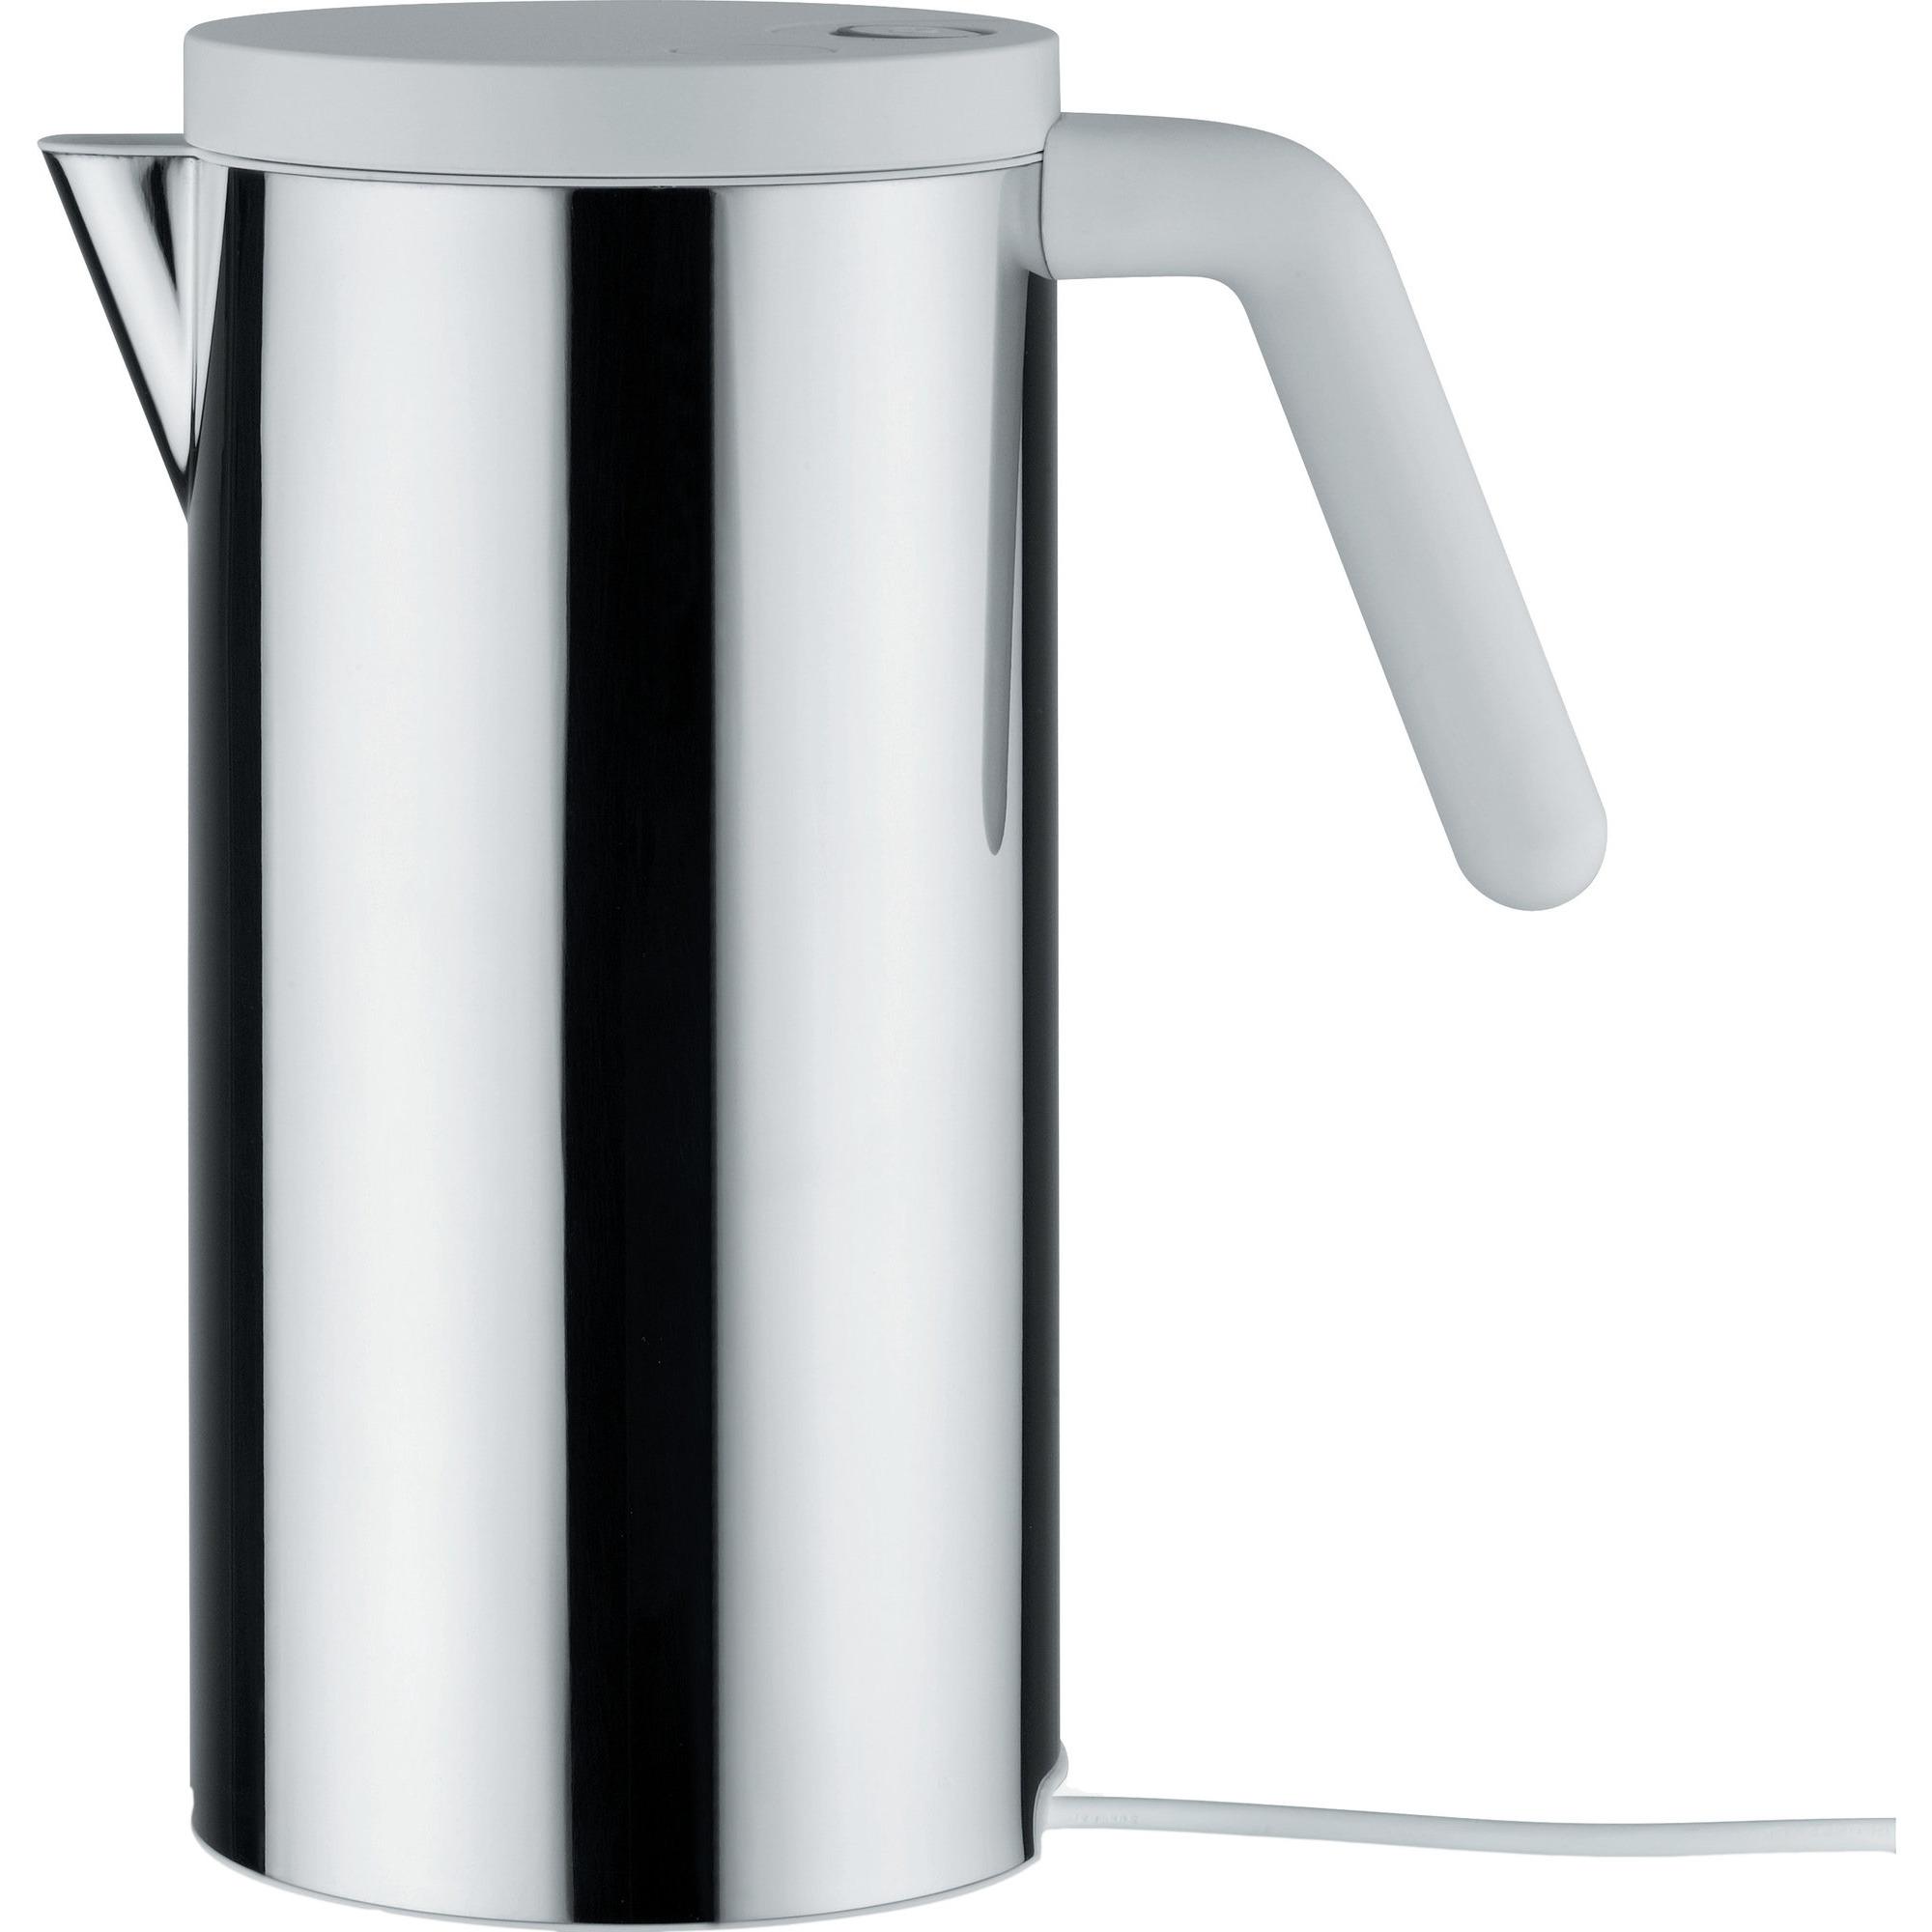 Alessi Hot-it Vattenkokare 14 liter Vit